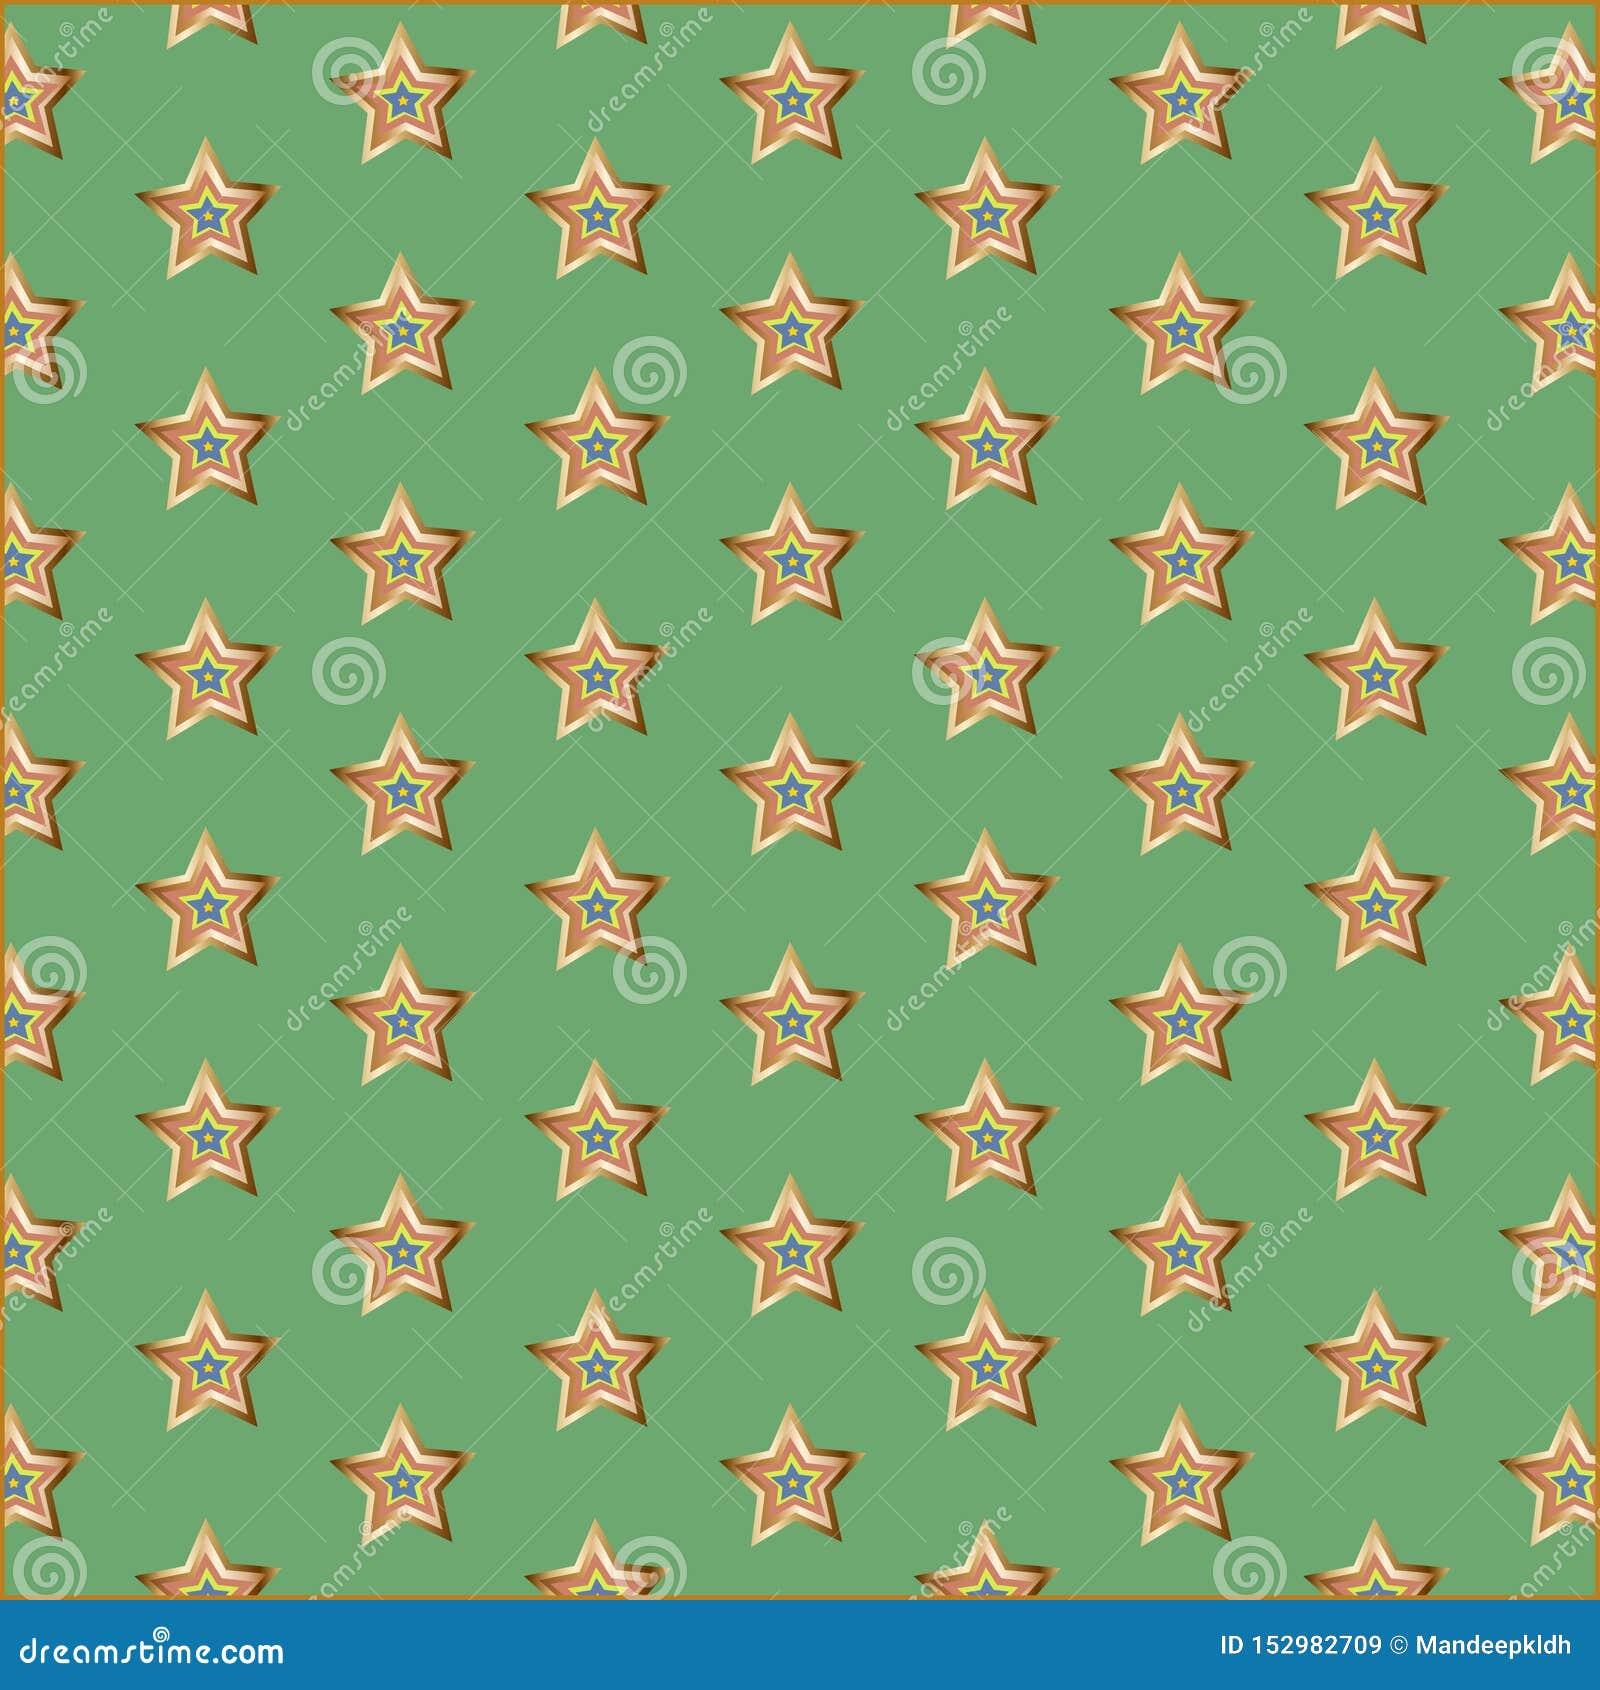 Mint Gold Pattern Background Golden Foil Tinted Digital